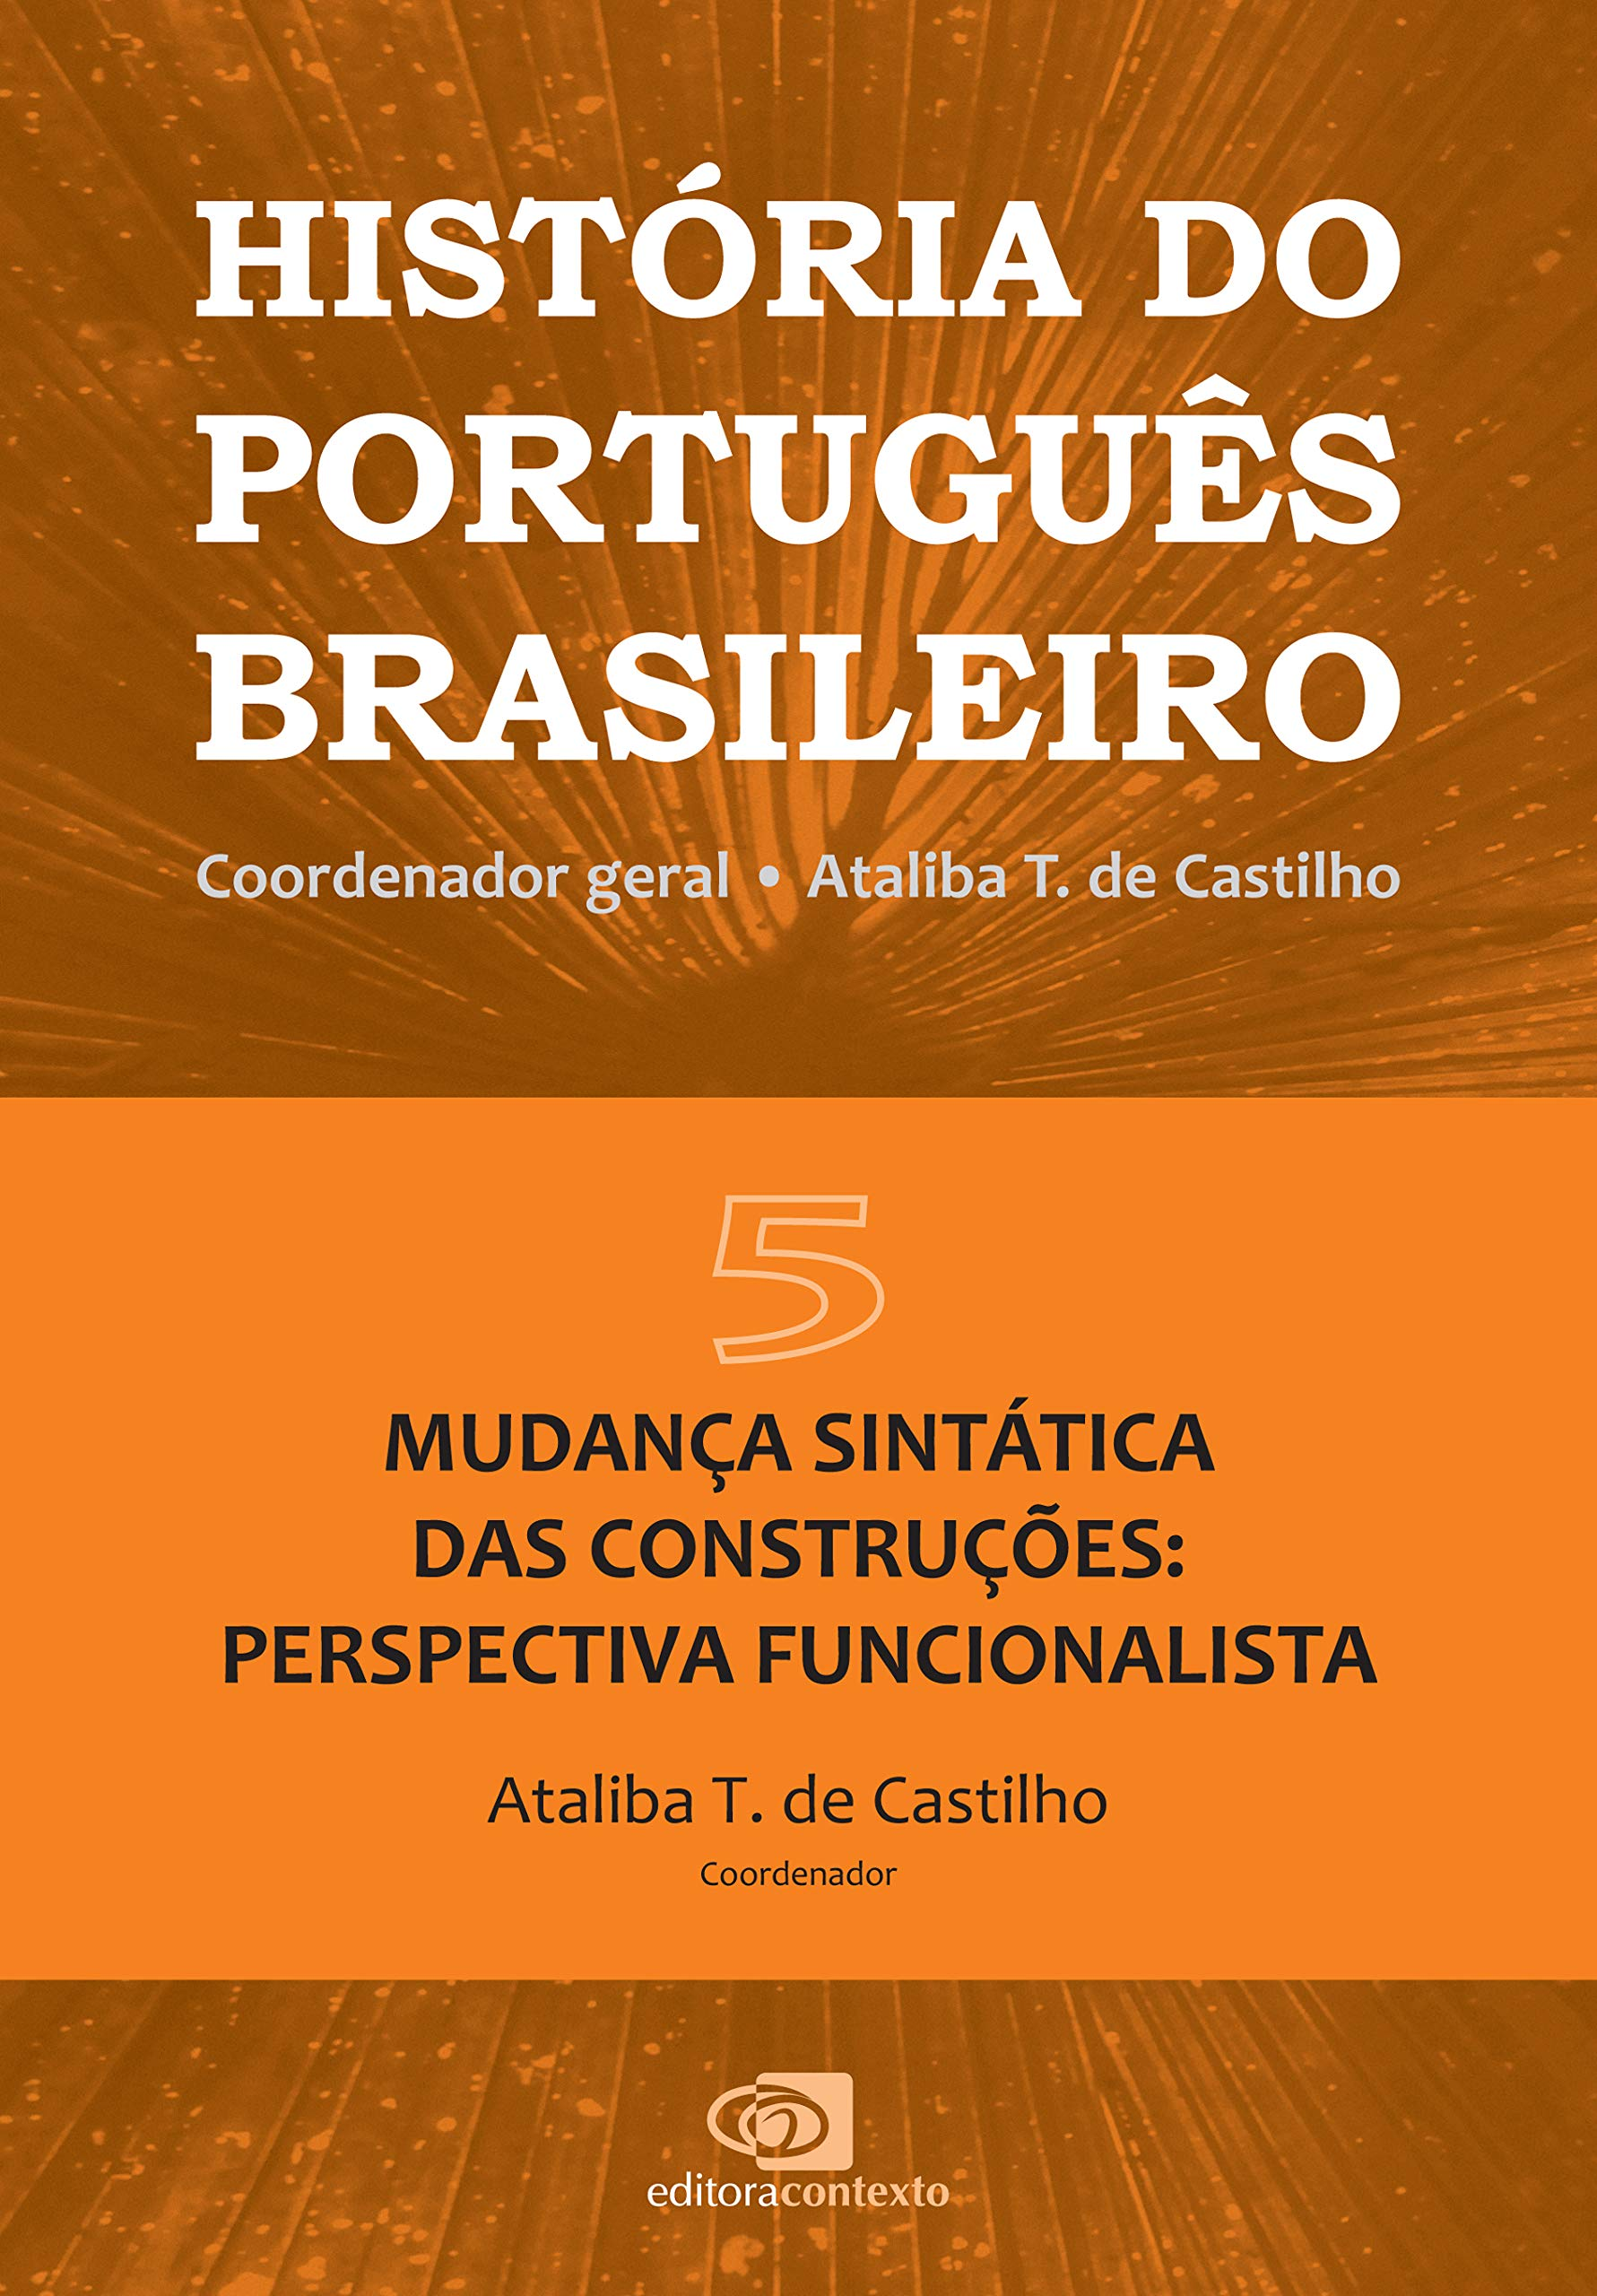 História do Português Brasileiro - Volume V: Mudança sintática das construções: perspectiva funcionalista, livro de Ataliba T. de Castilho